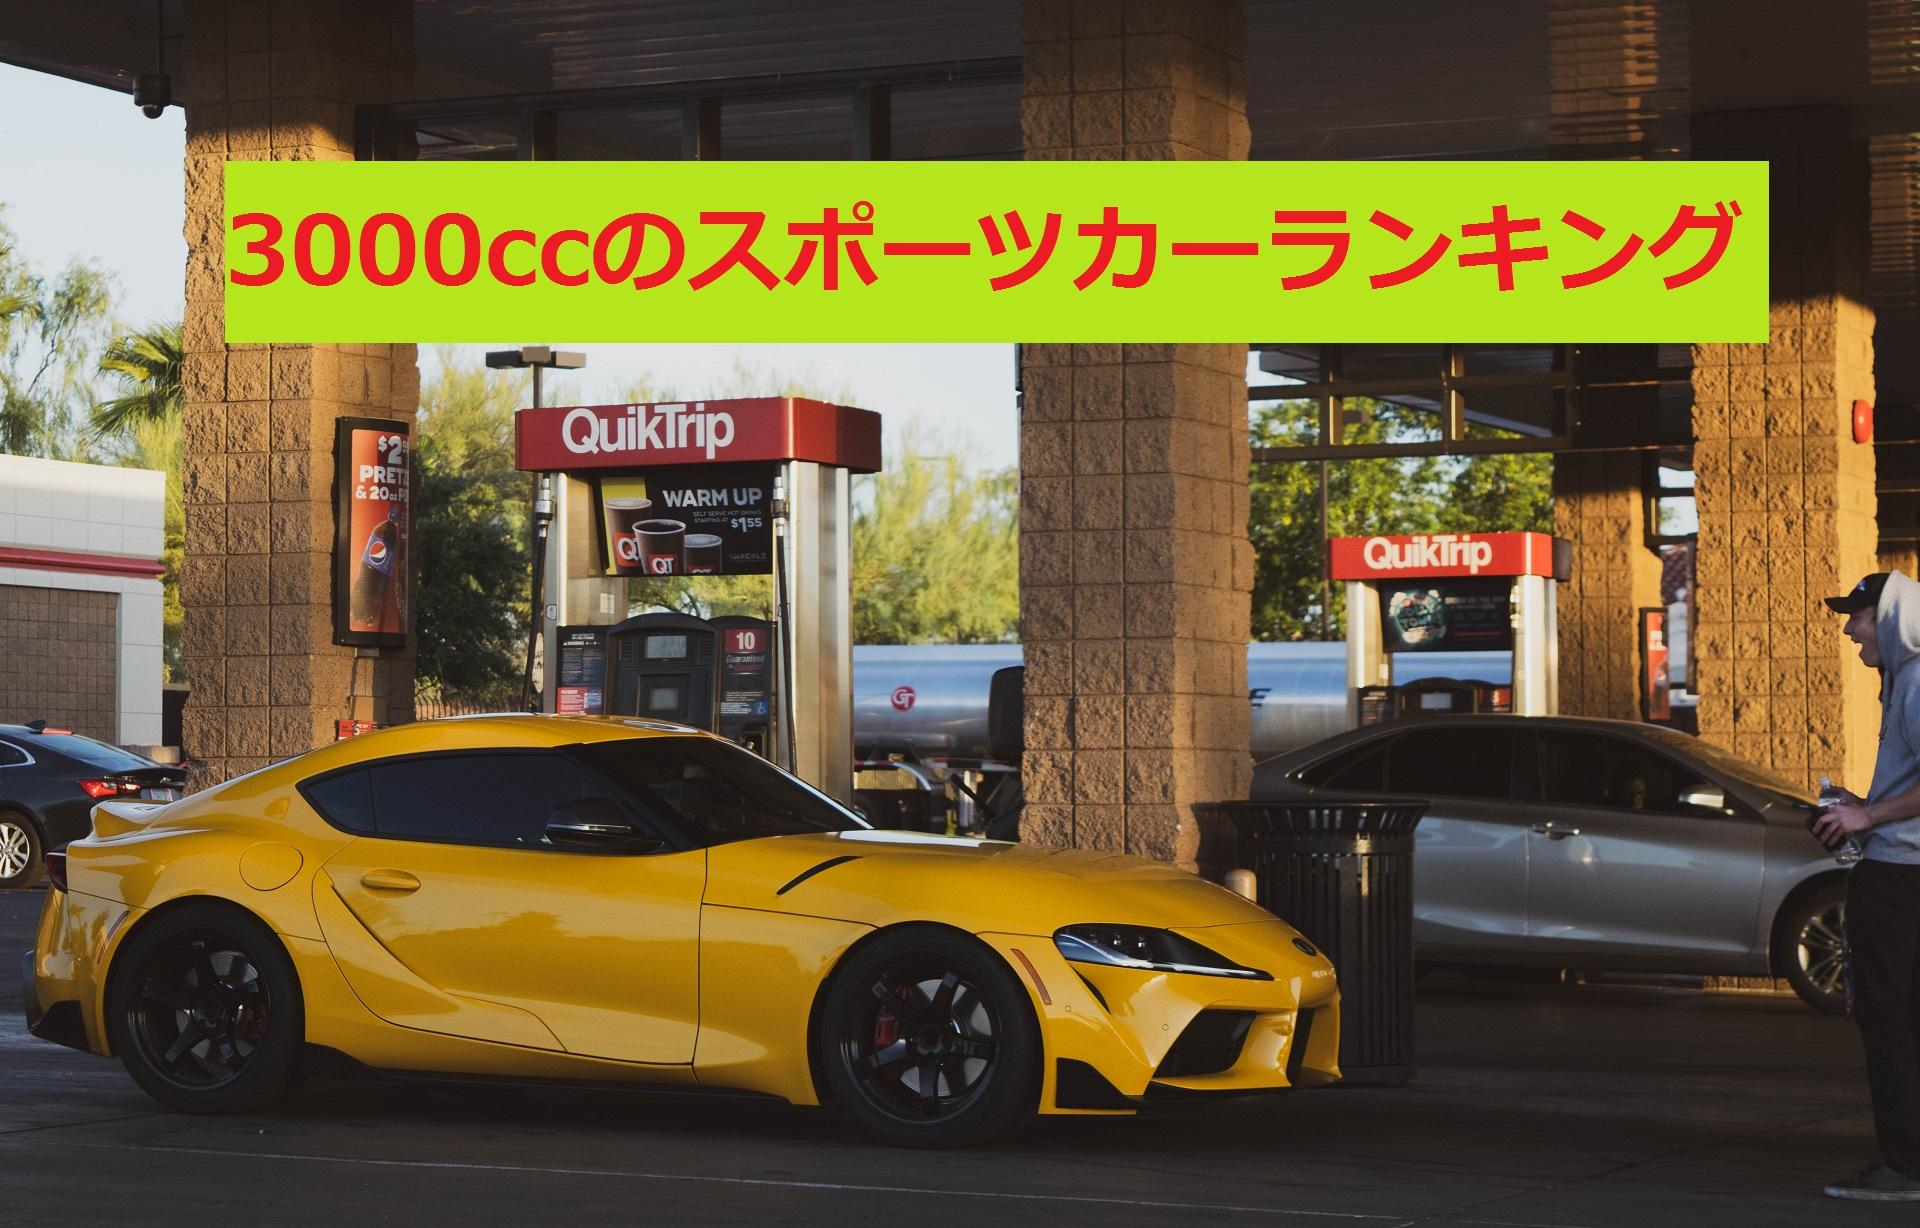 【千万の高級外車にスーパーカー】3000ccおすすめスポーツカーランキング【大排気量ターボ】